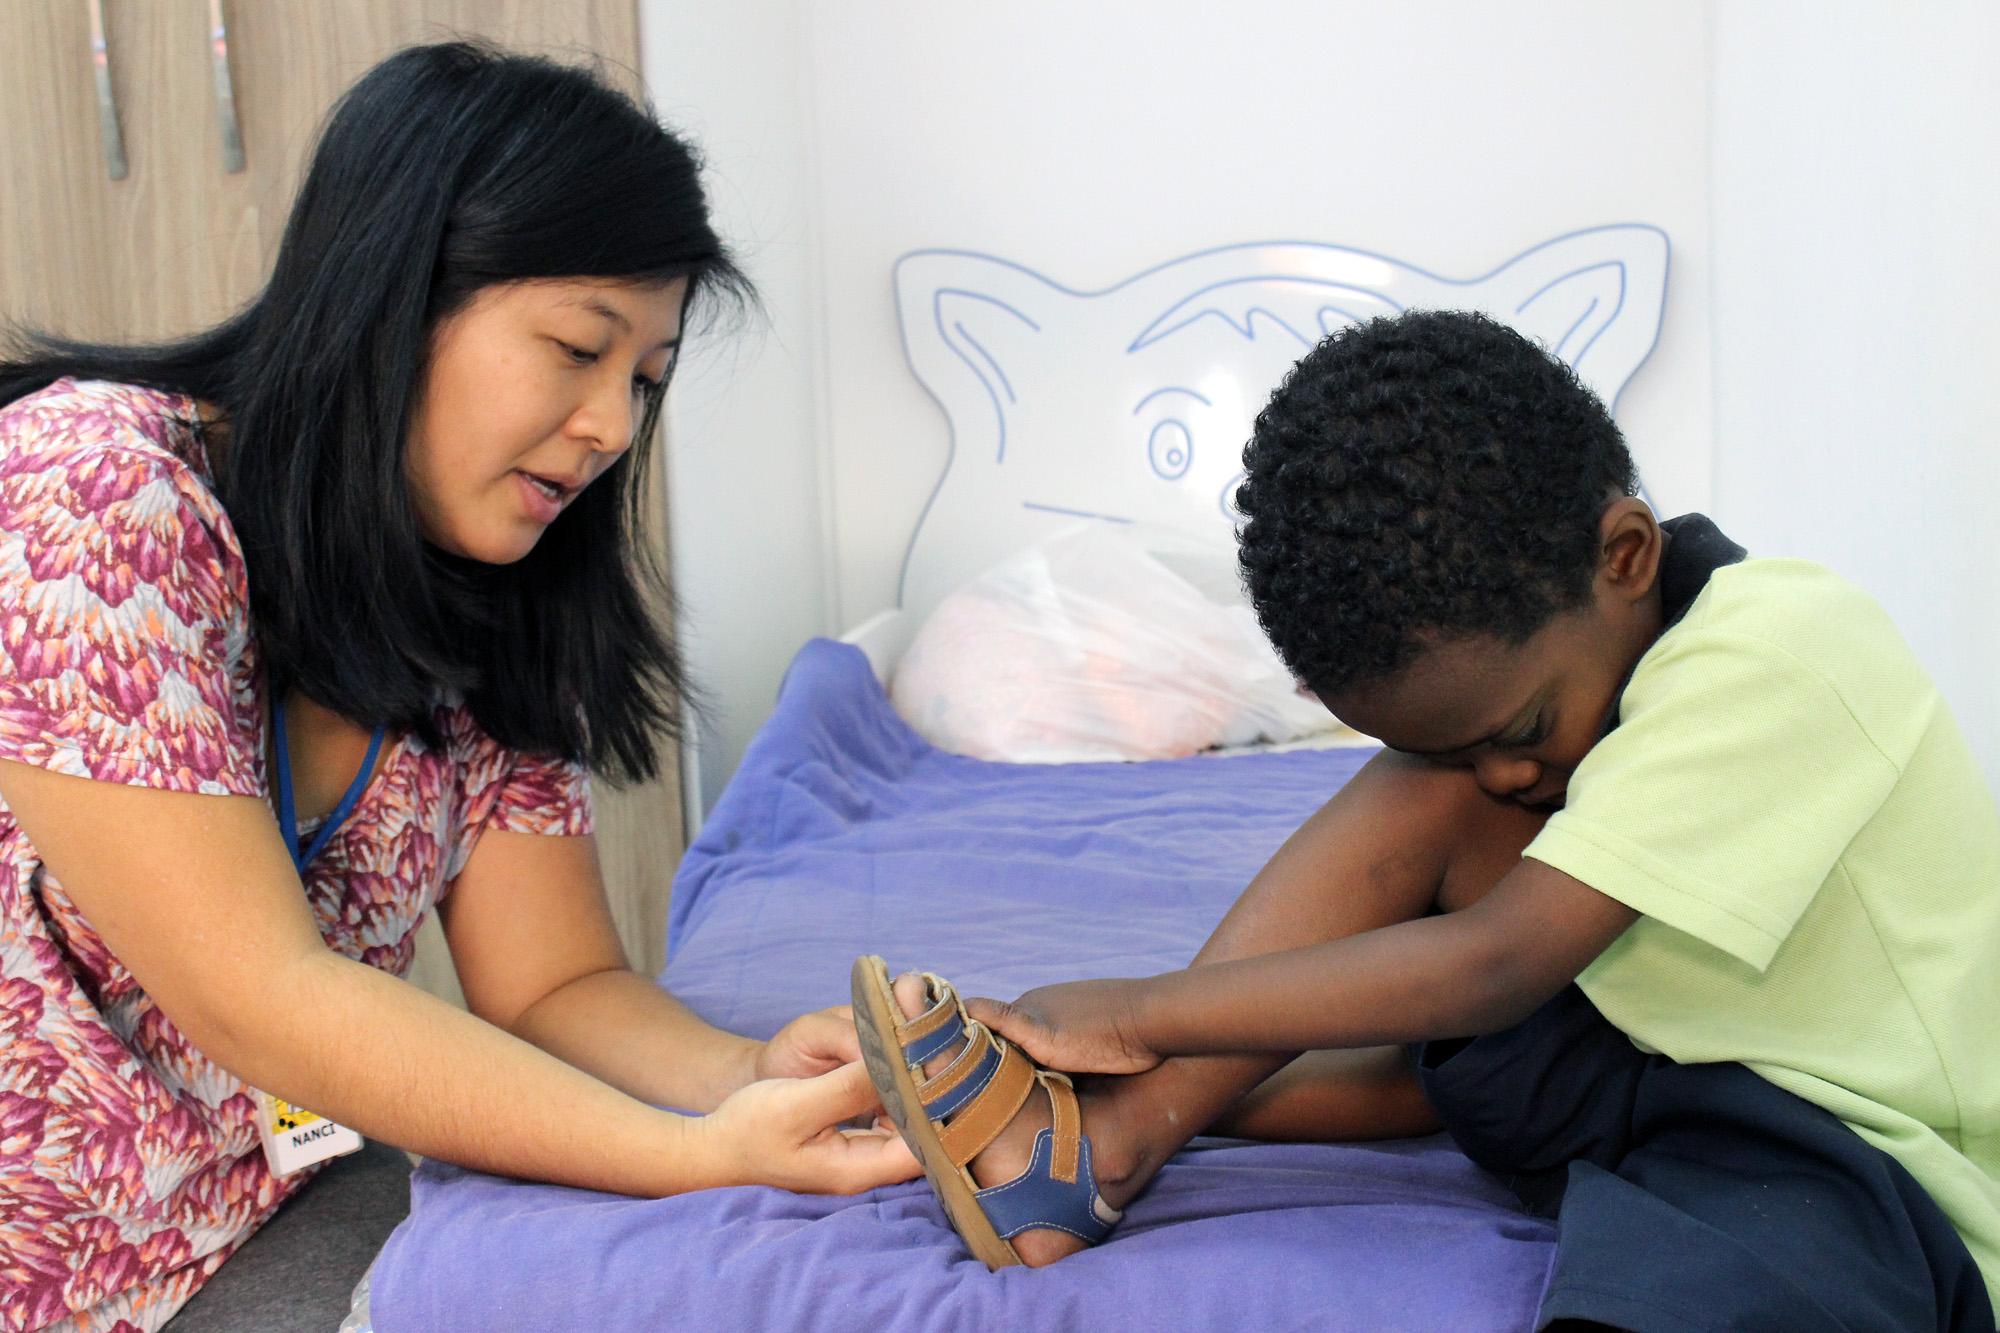 Descrição da imagem: foto de Cris abotoando sua sandália. Ele está sentado de perfil com o rosto encostado no joelho e o pé direito sobre a cama. Ao seu lado, à esquerda na foto, está a terapeuta Nanci Hara. Ela também está de perfil, orientando o menino. Fim da descrição.